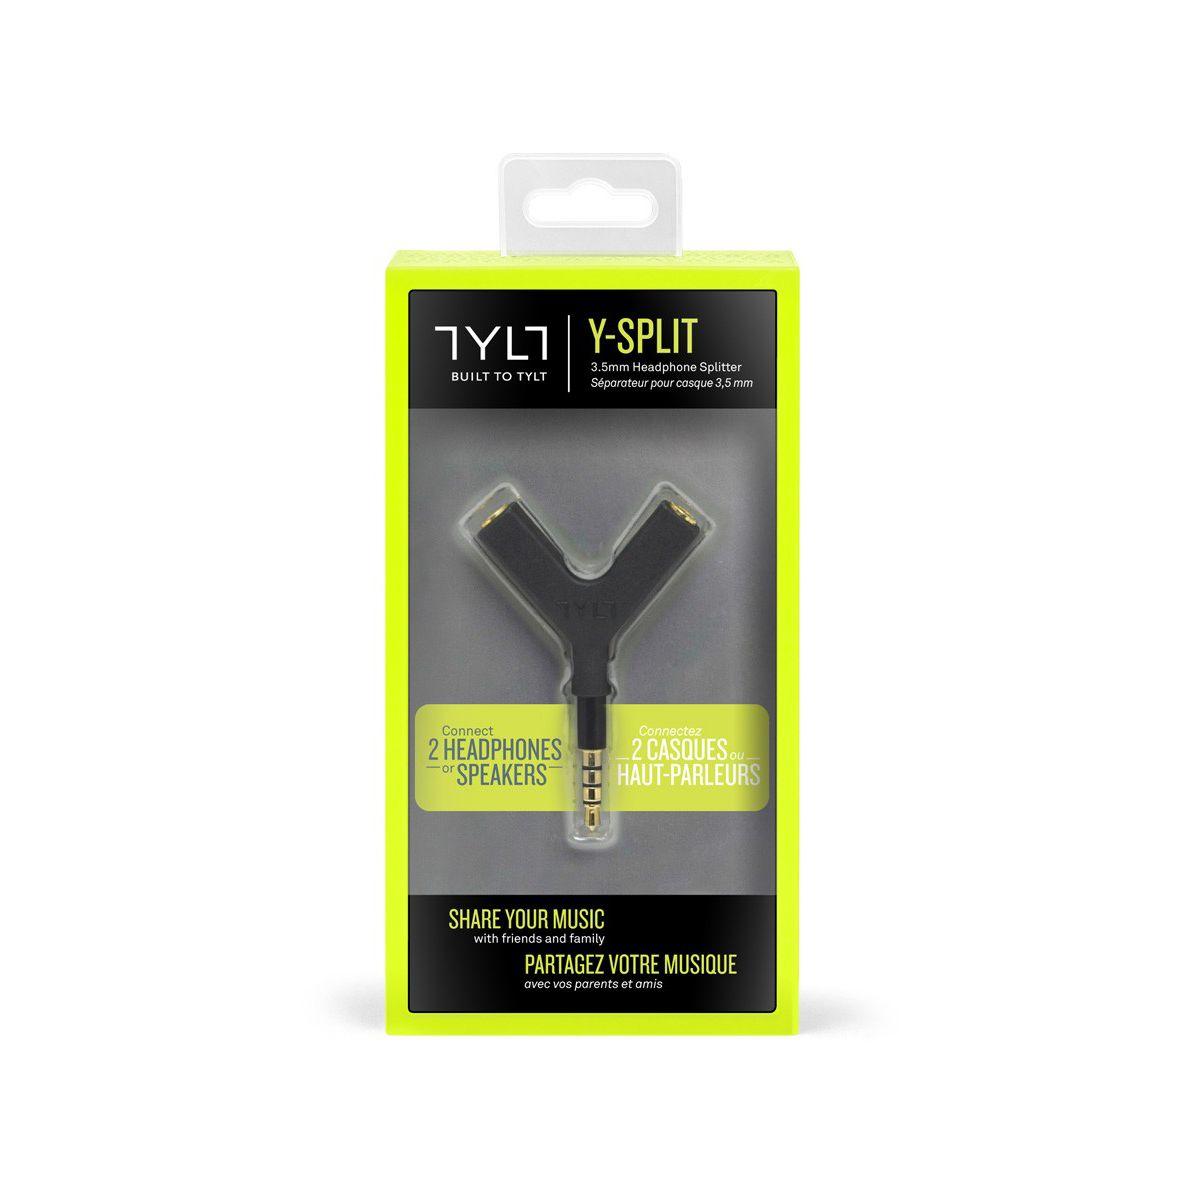 Adaptateur tylt y-split 3.5mm noir - 7% de remise immédiate avec le code : multi7 (photo)